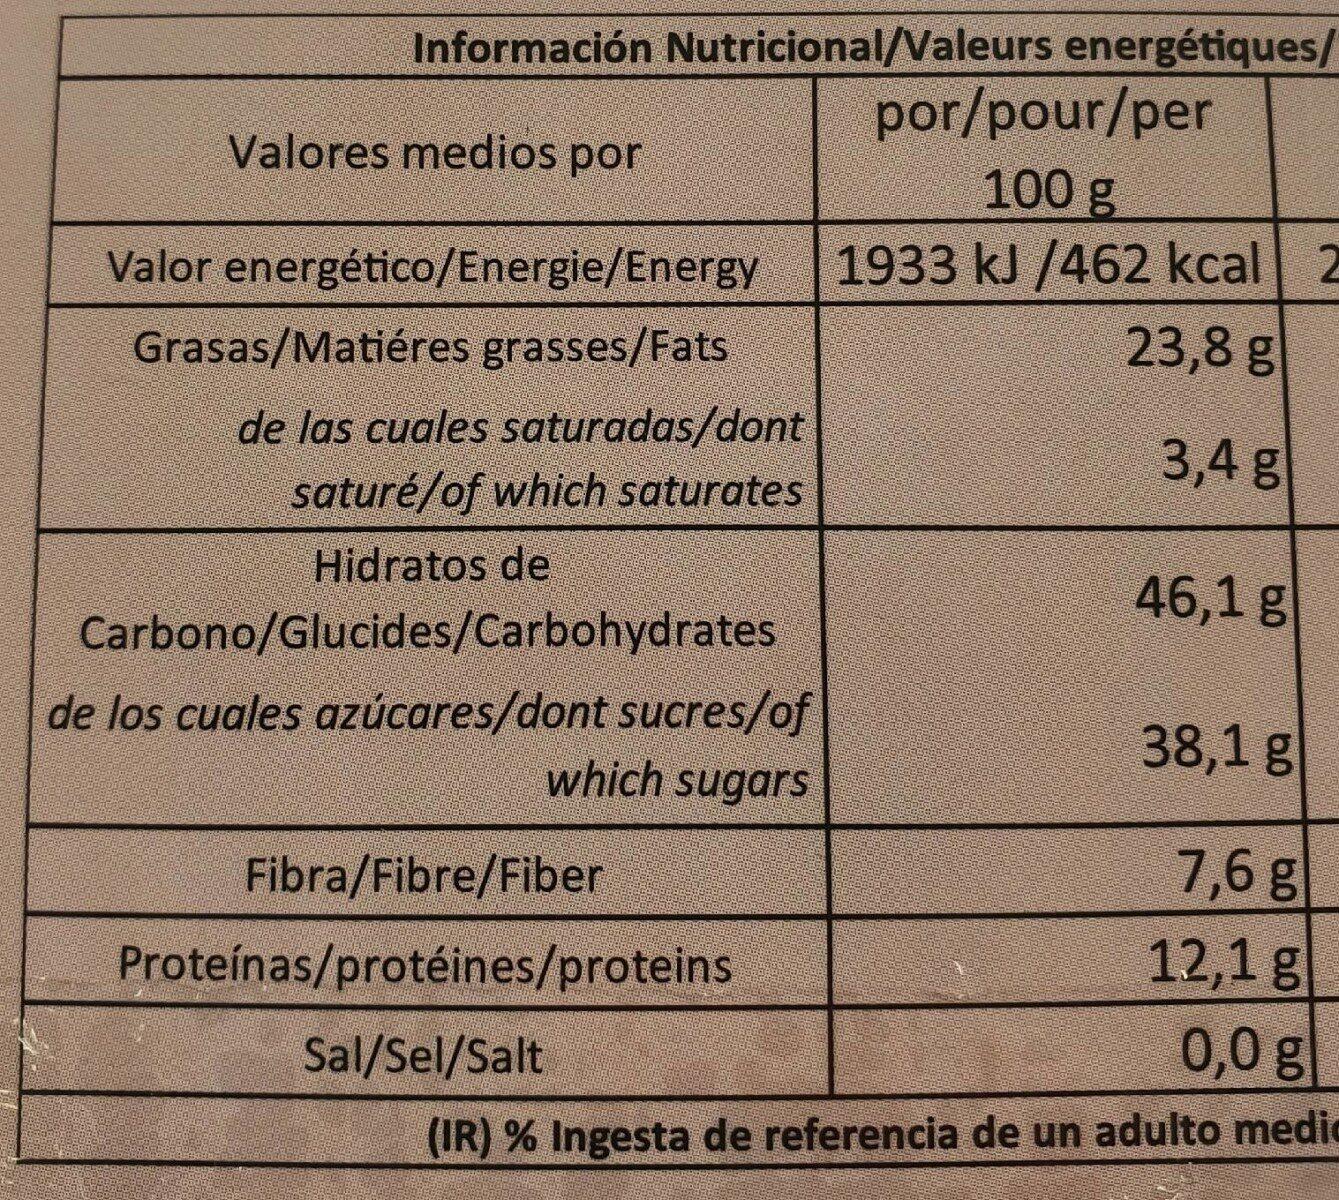 Alfajores de almendra y miel - Información nutricional - en